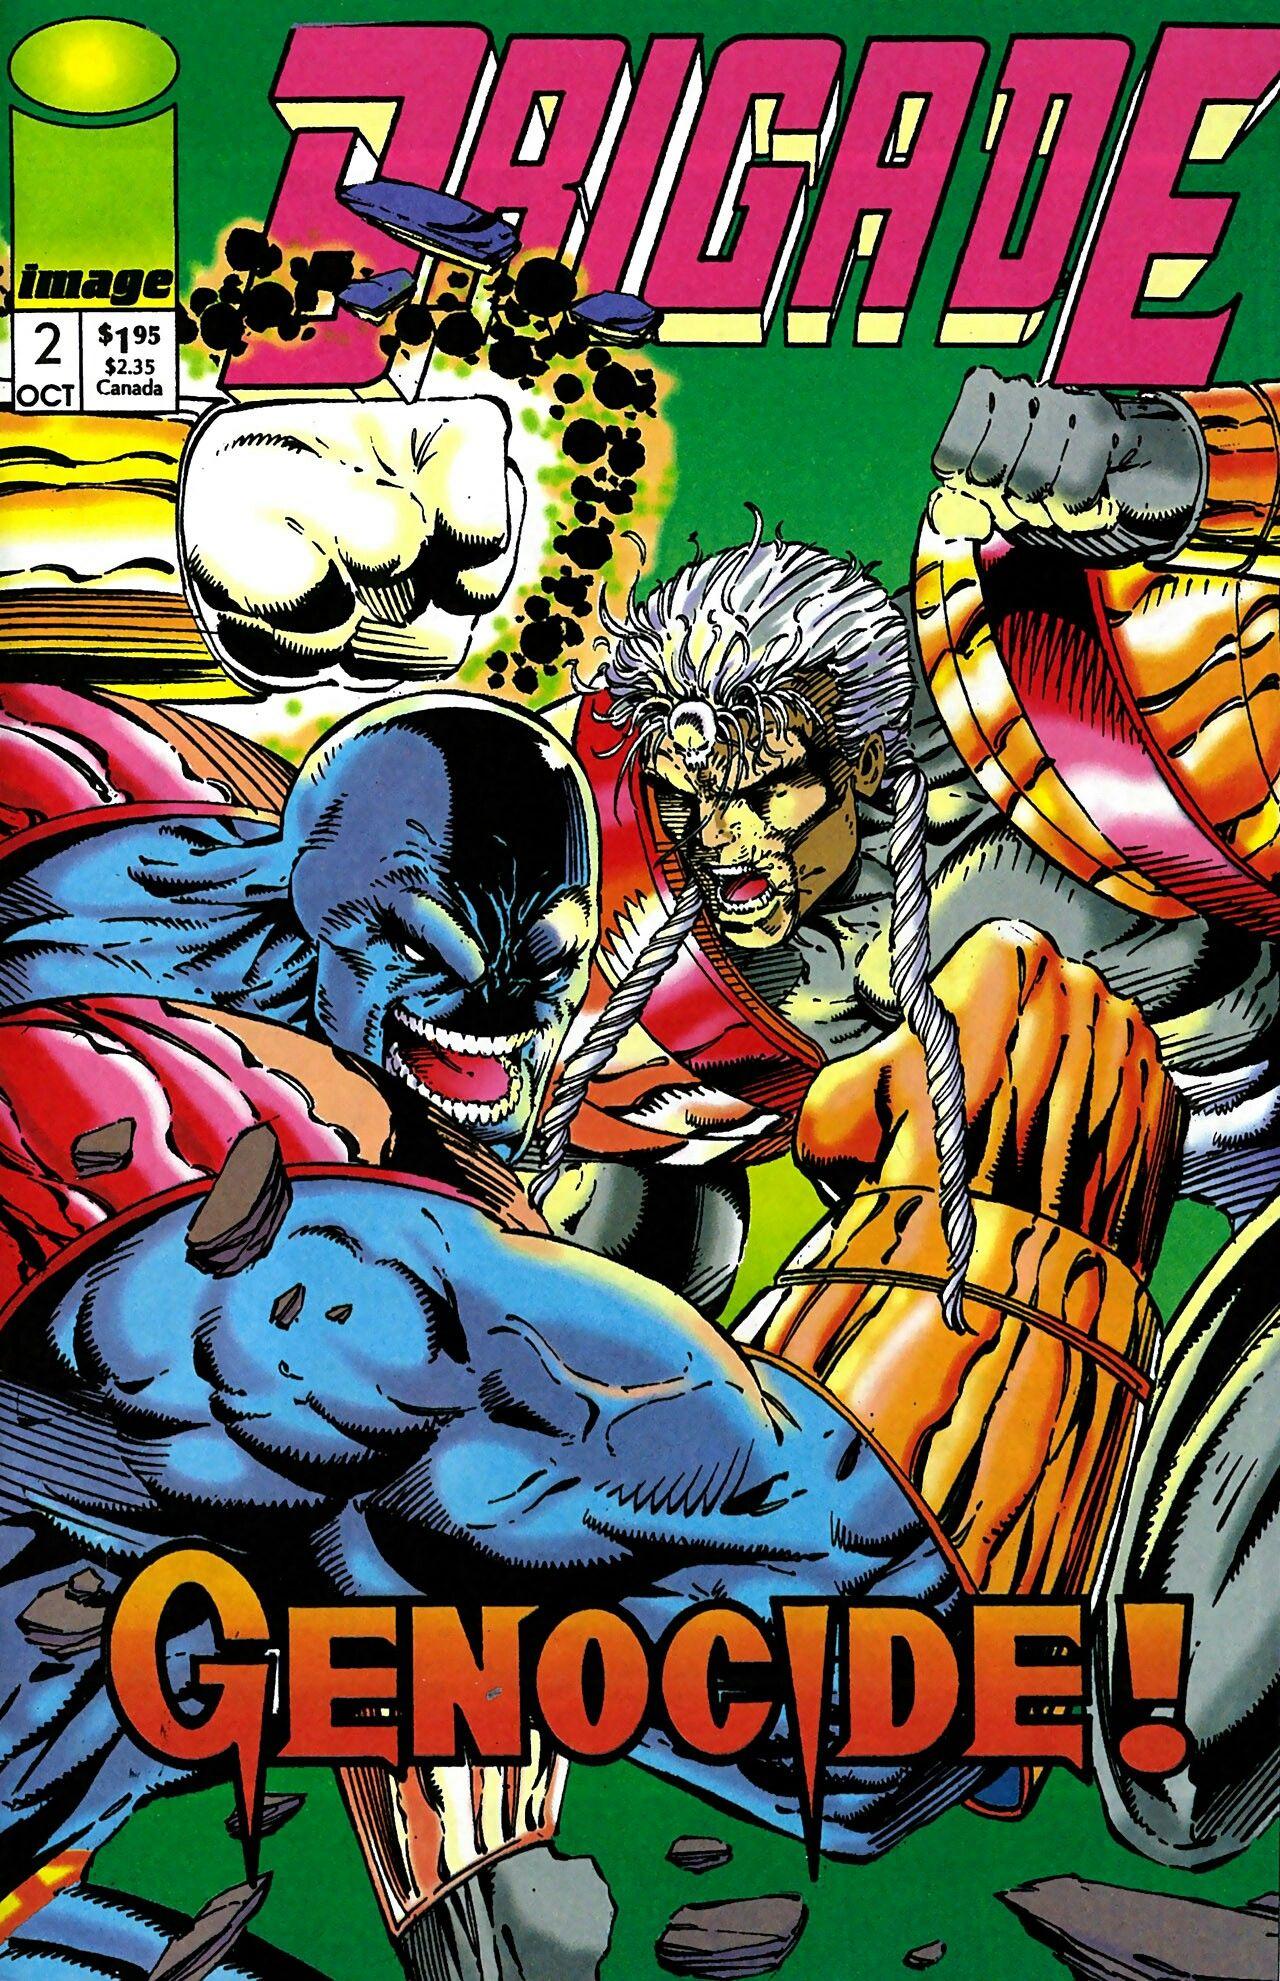 Brigade Image Comics Graphic Novel Cover Comics